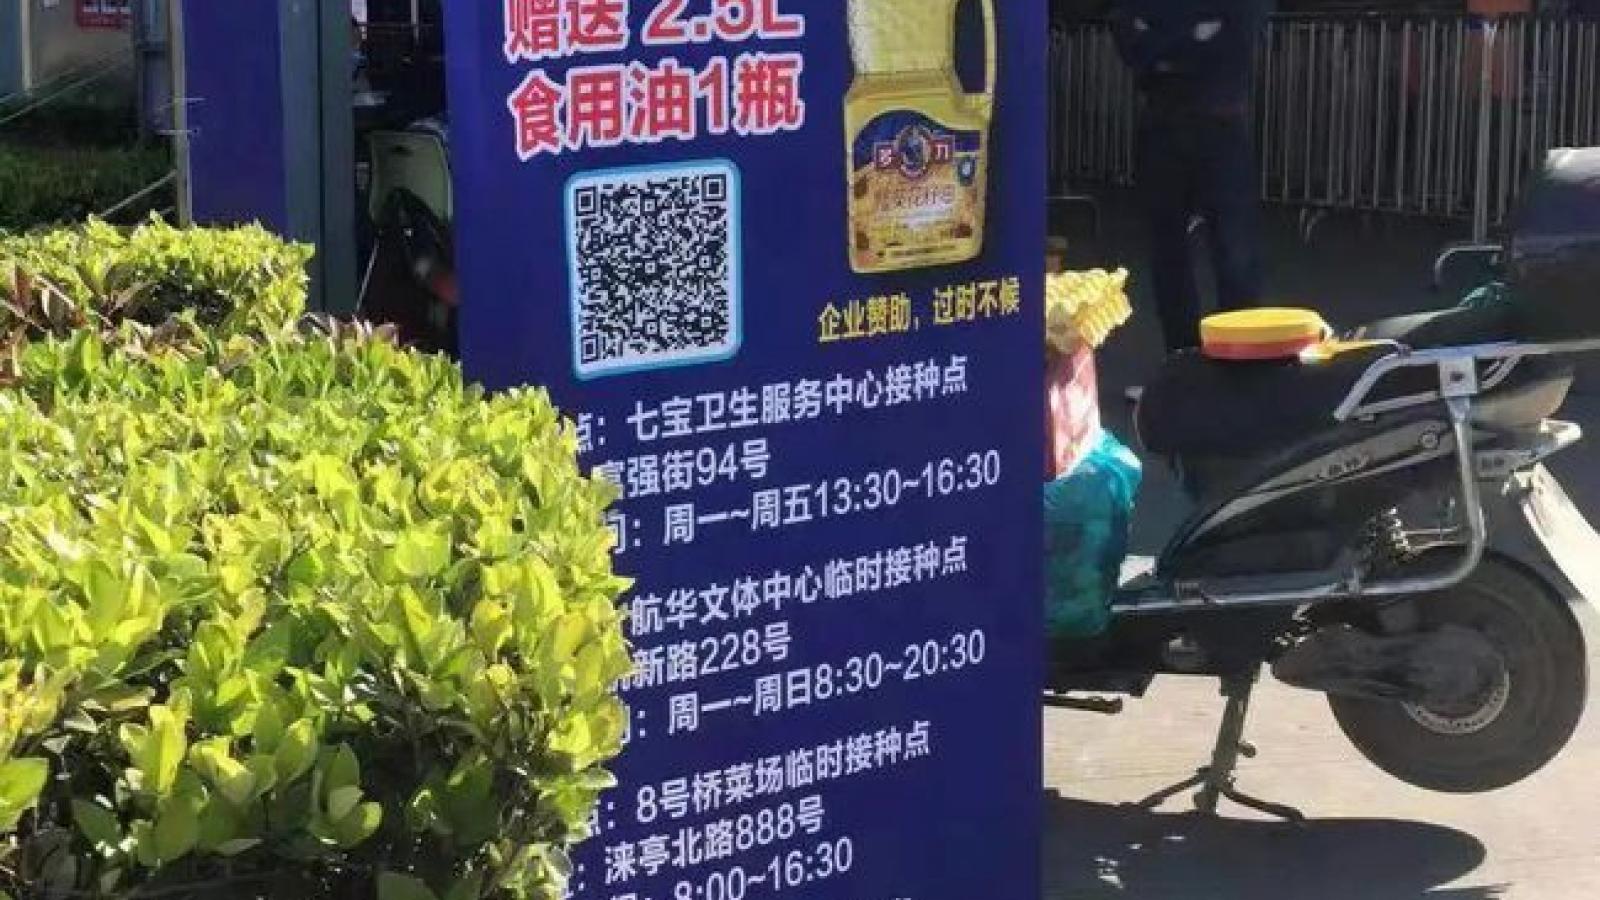 Trung Quốc dùng chiêu thức mới thu hút người dân tiêm vaccine Covid-19